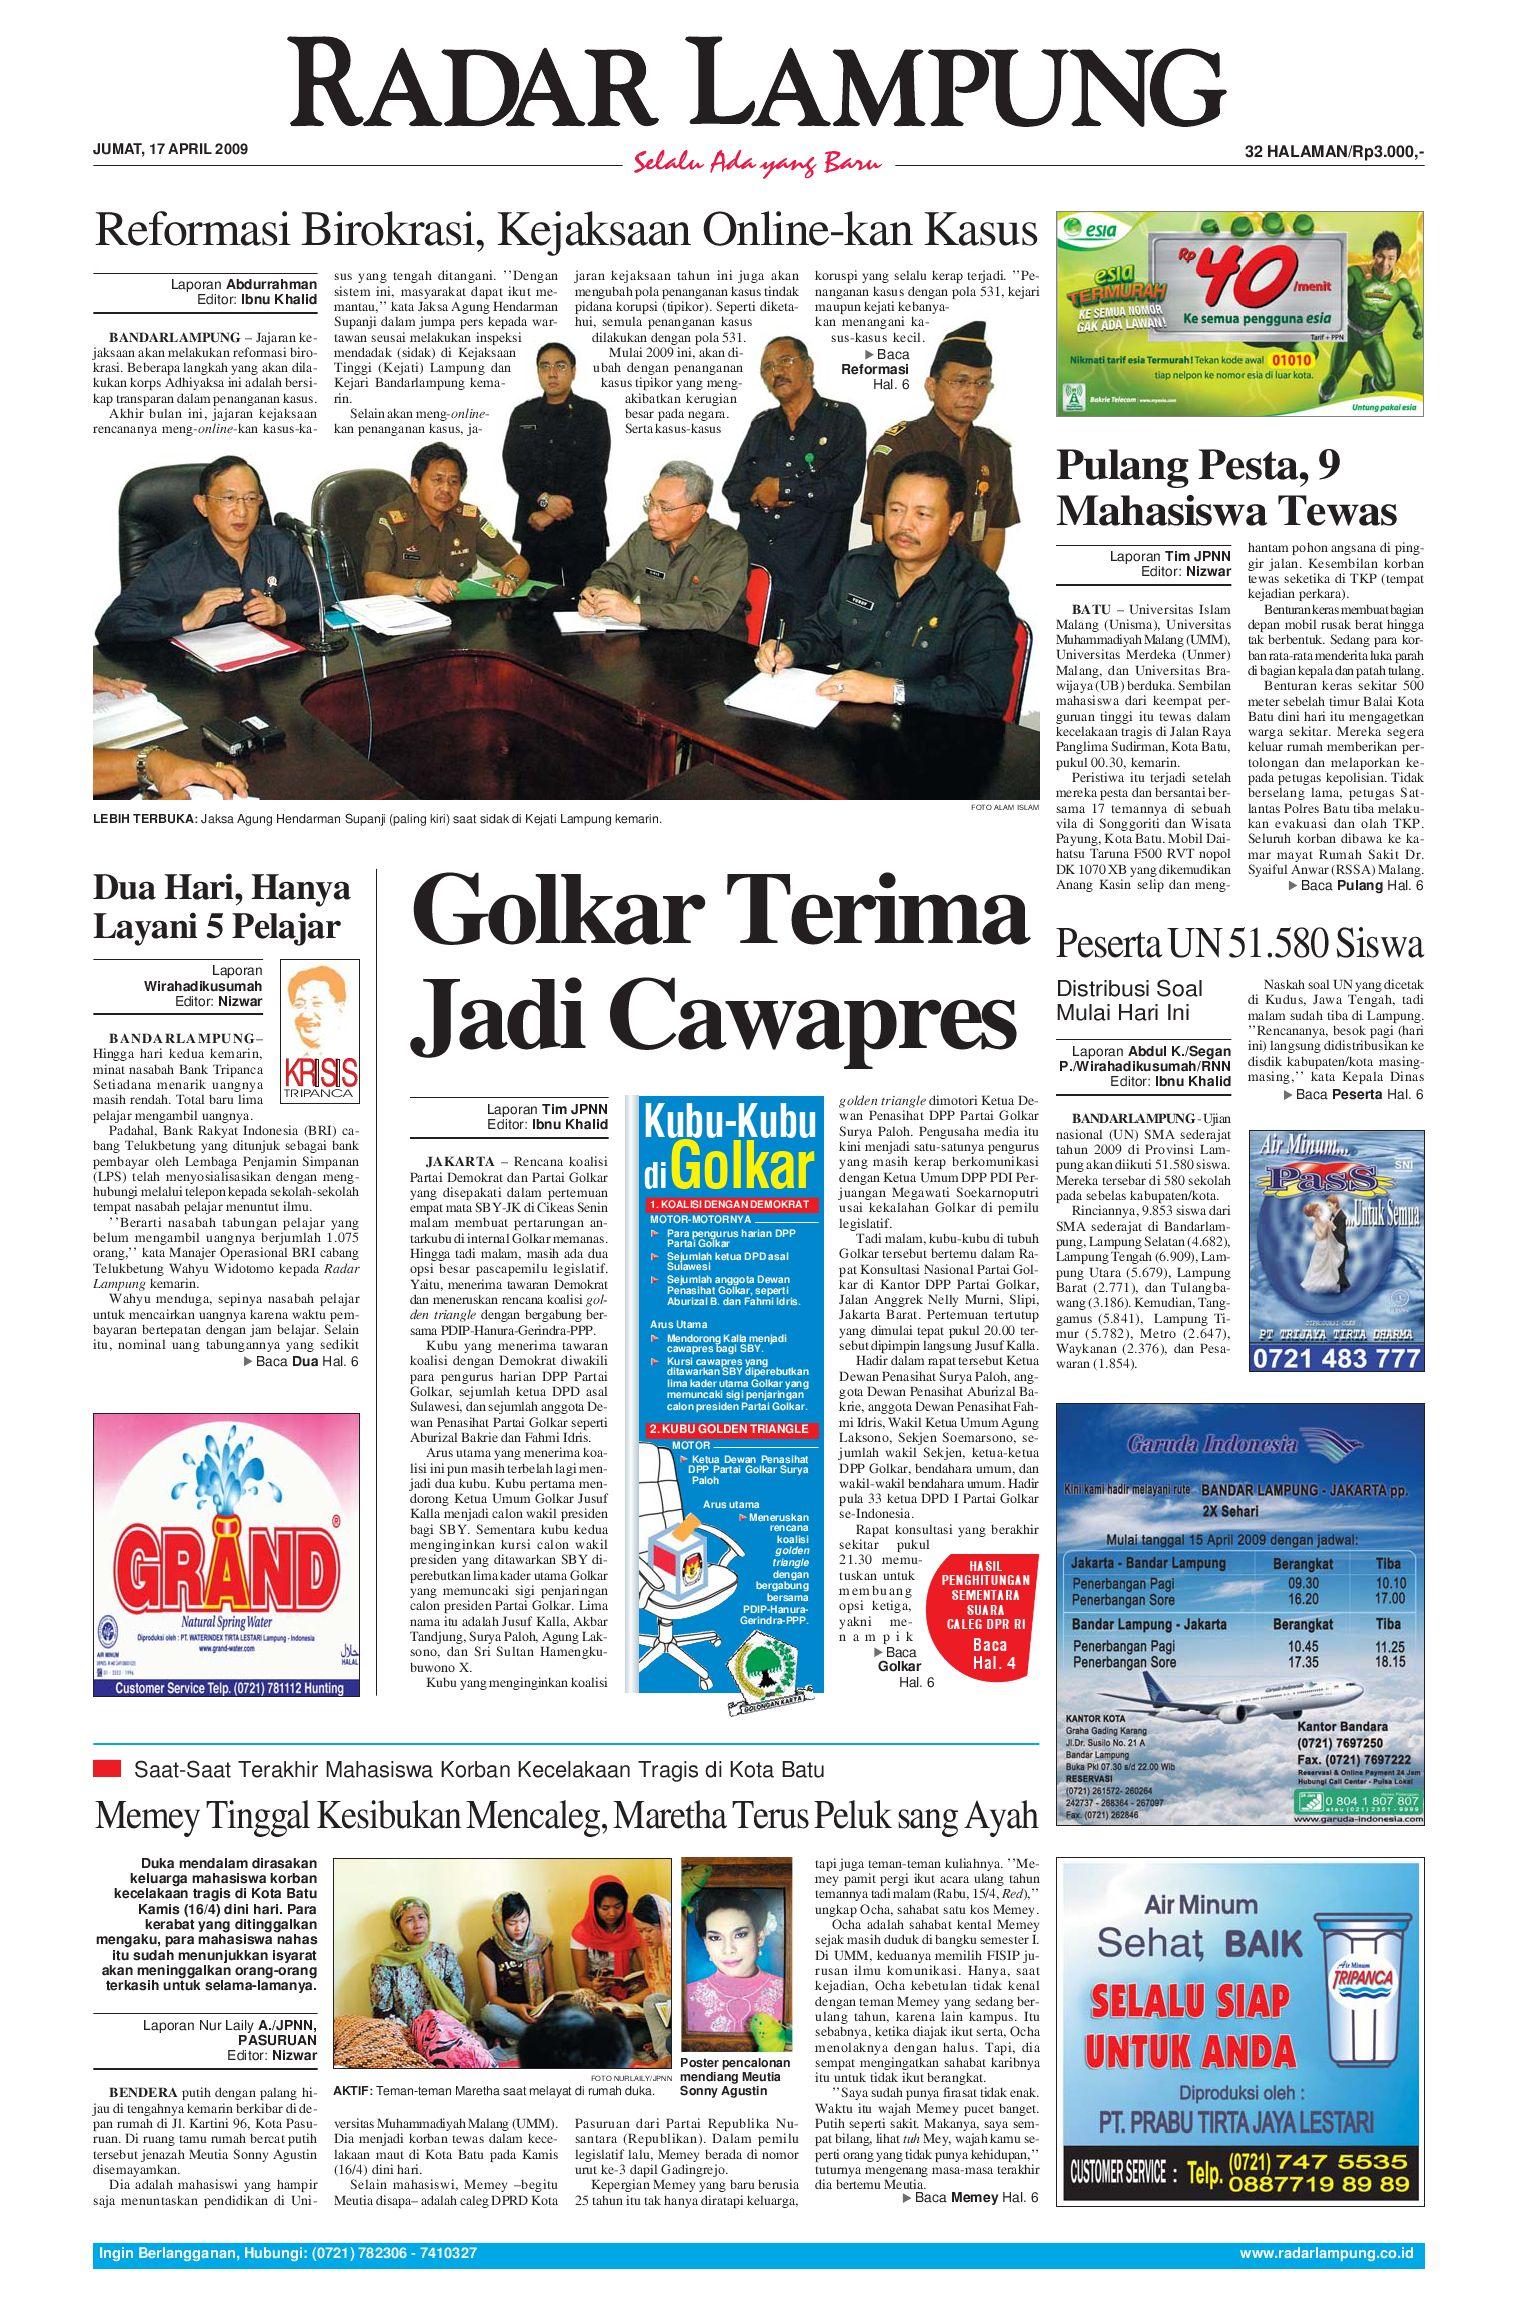 Radar Lampung Jumat 17 April 2009 By Issuu Tcash Vaganza Baselayer Long Pants